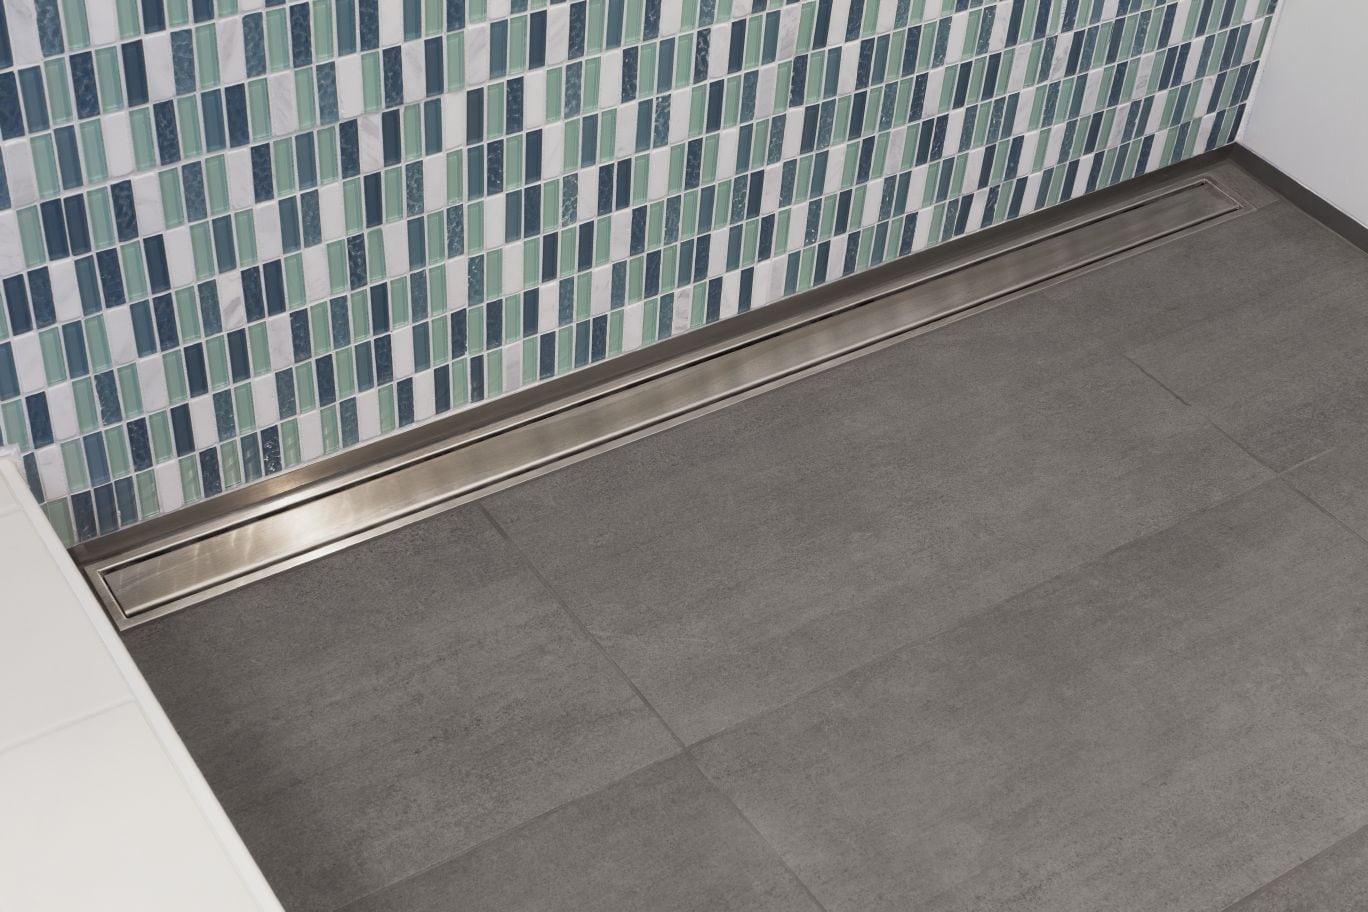 schluter kerdi line best tile and